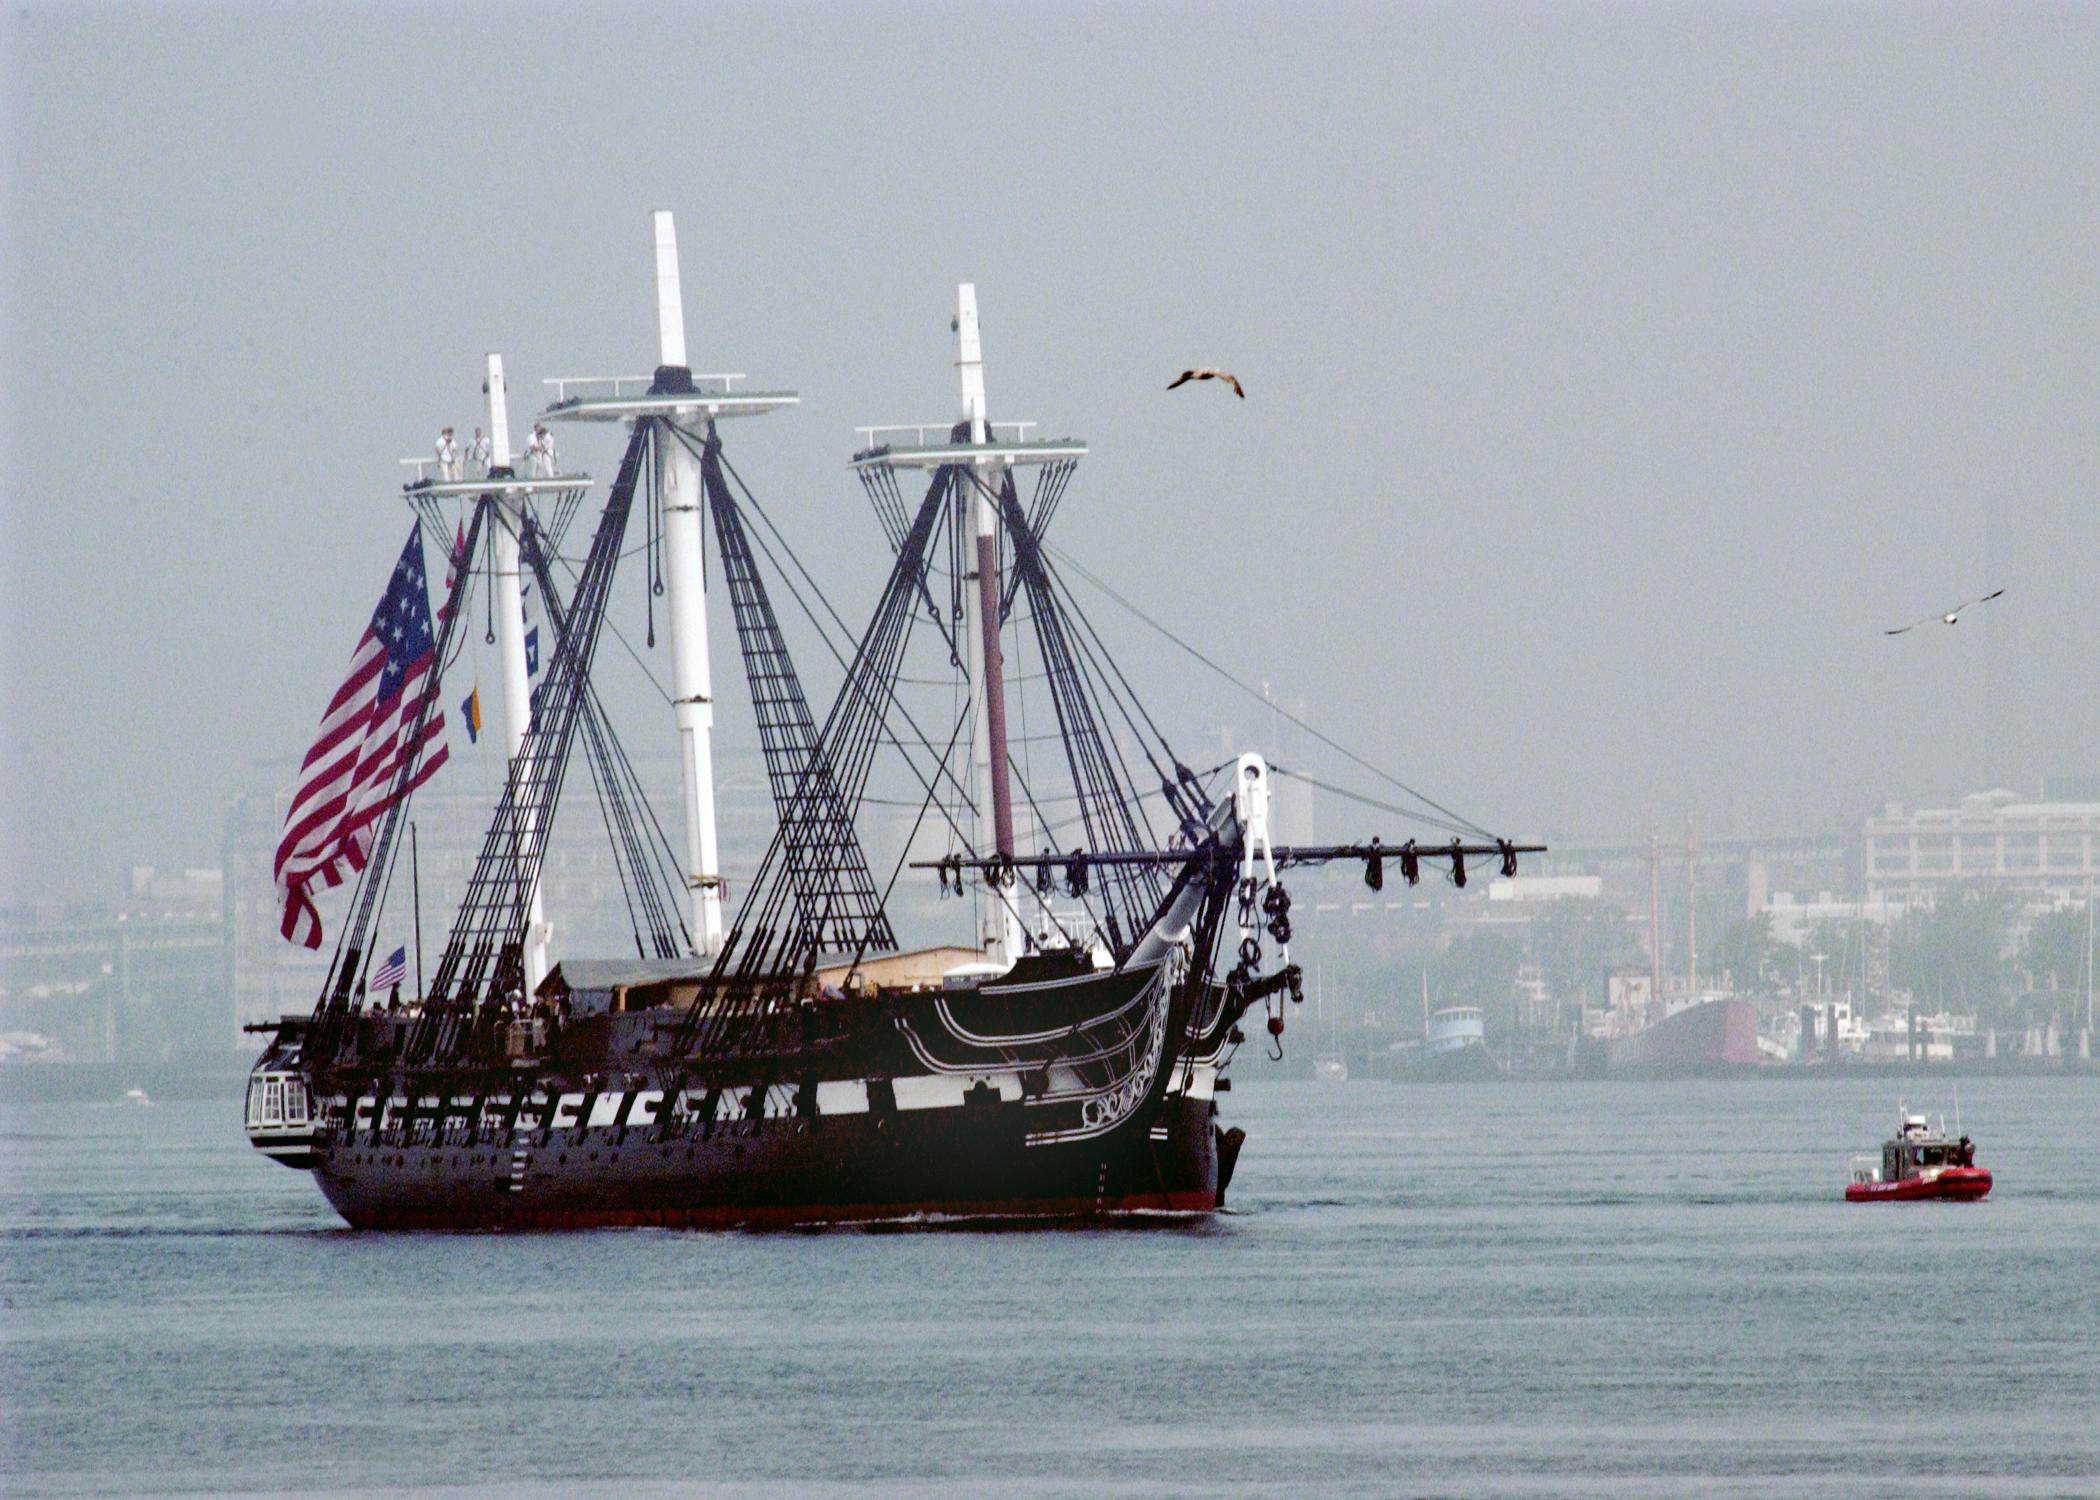 Uss Constitution USS Constitution Going...